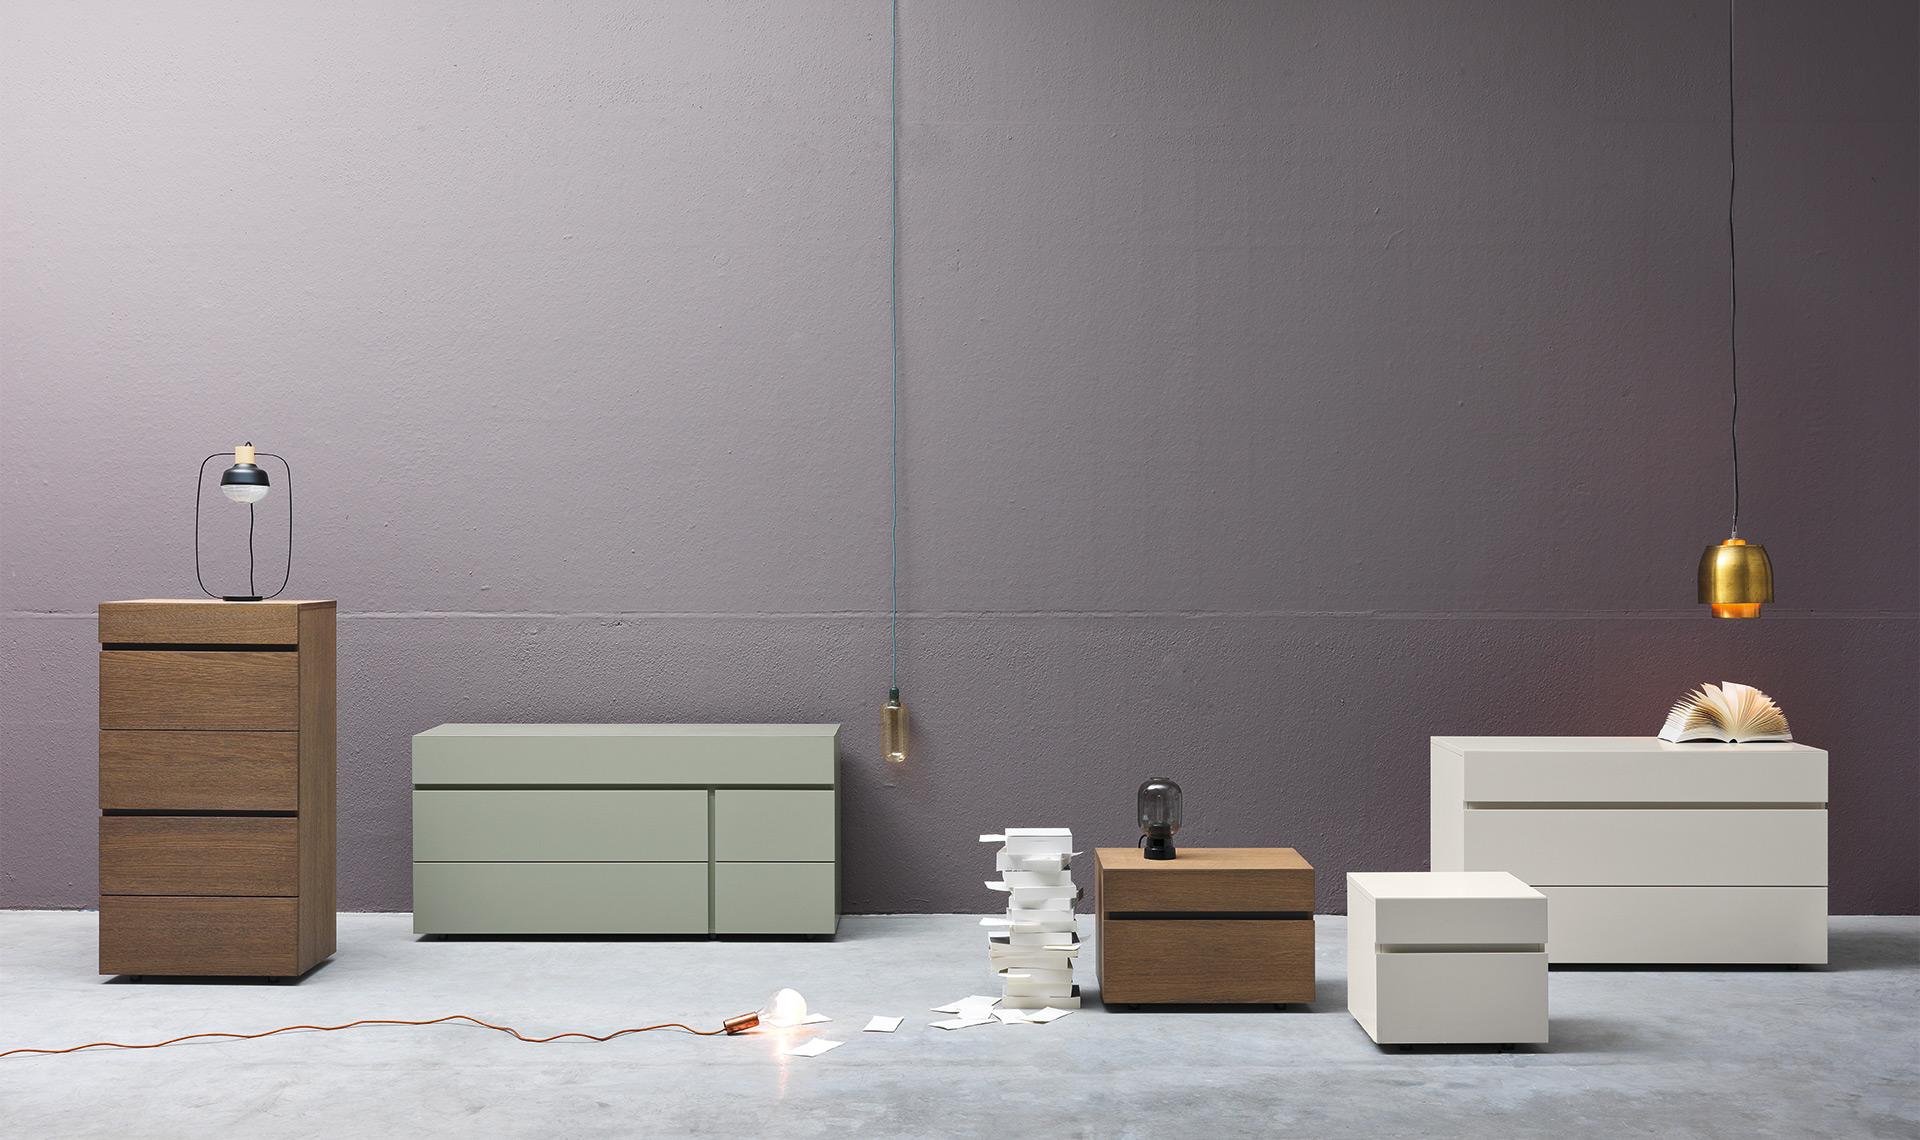 Contenitori notte: Linea - design moderno Alf DaFré